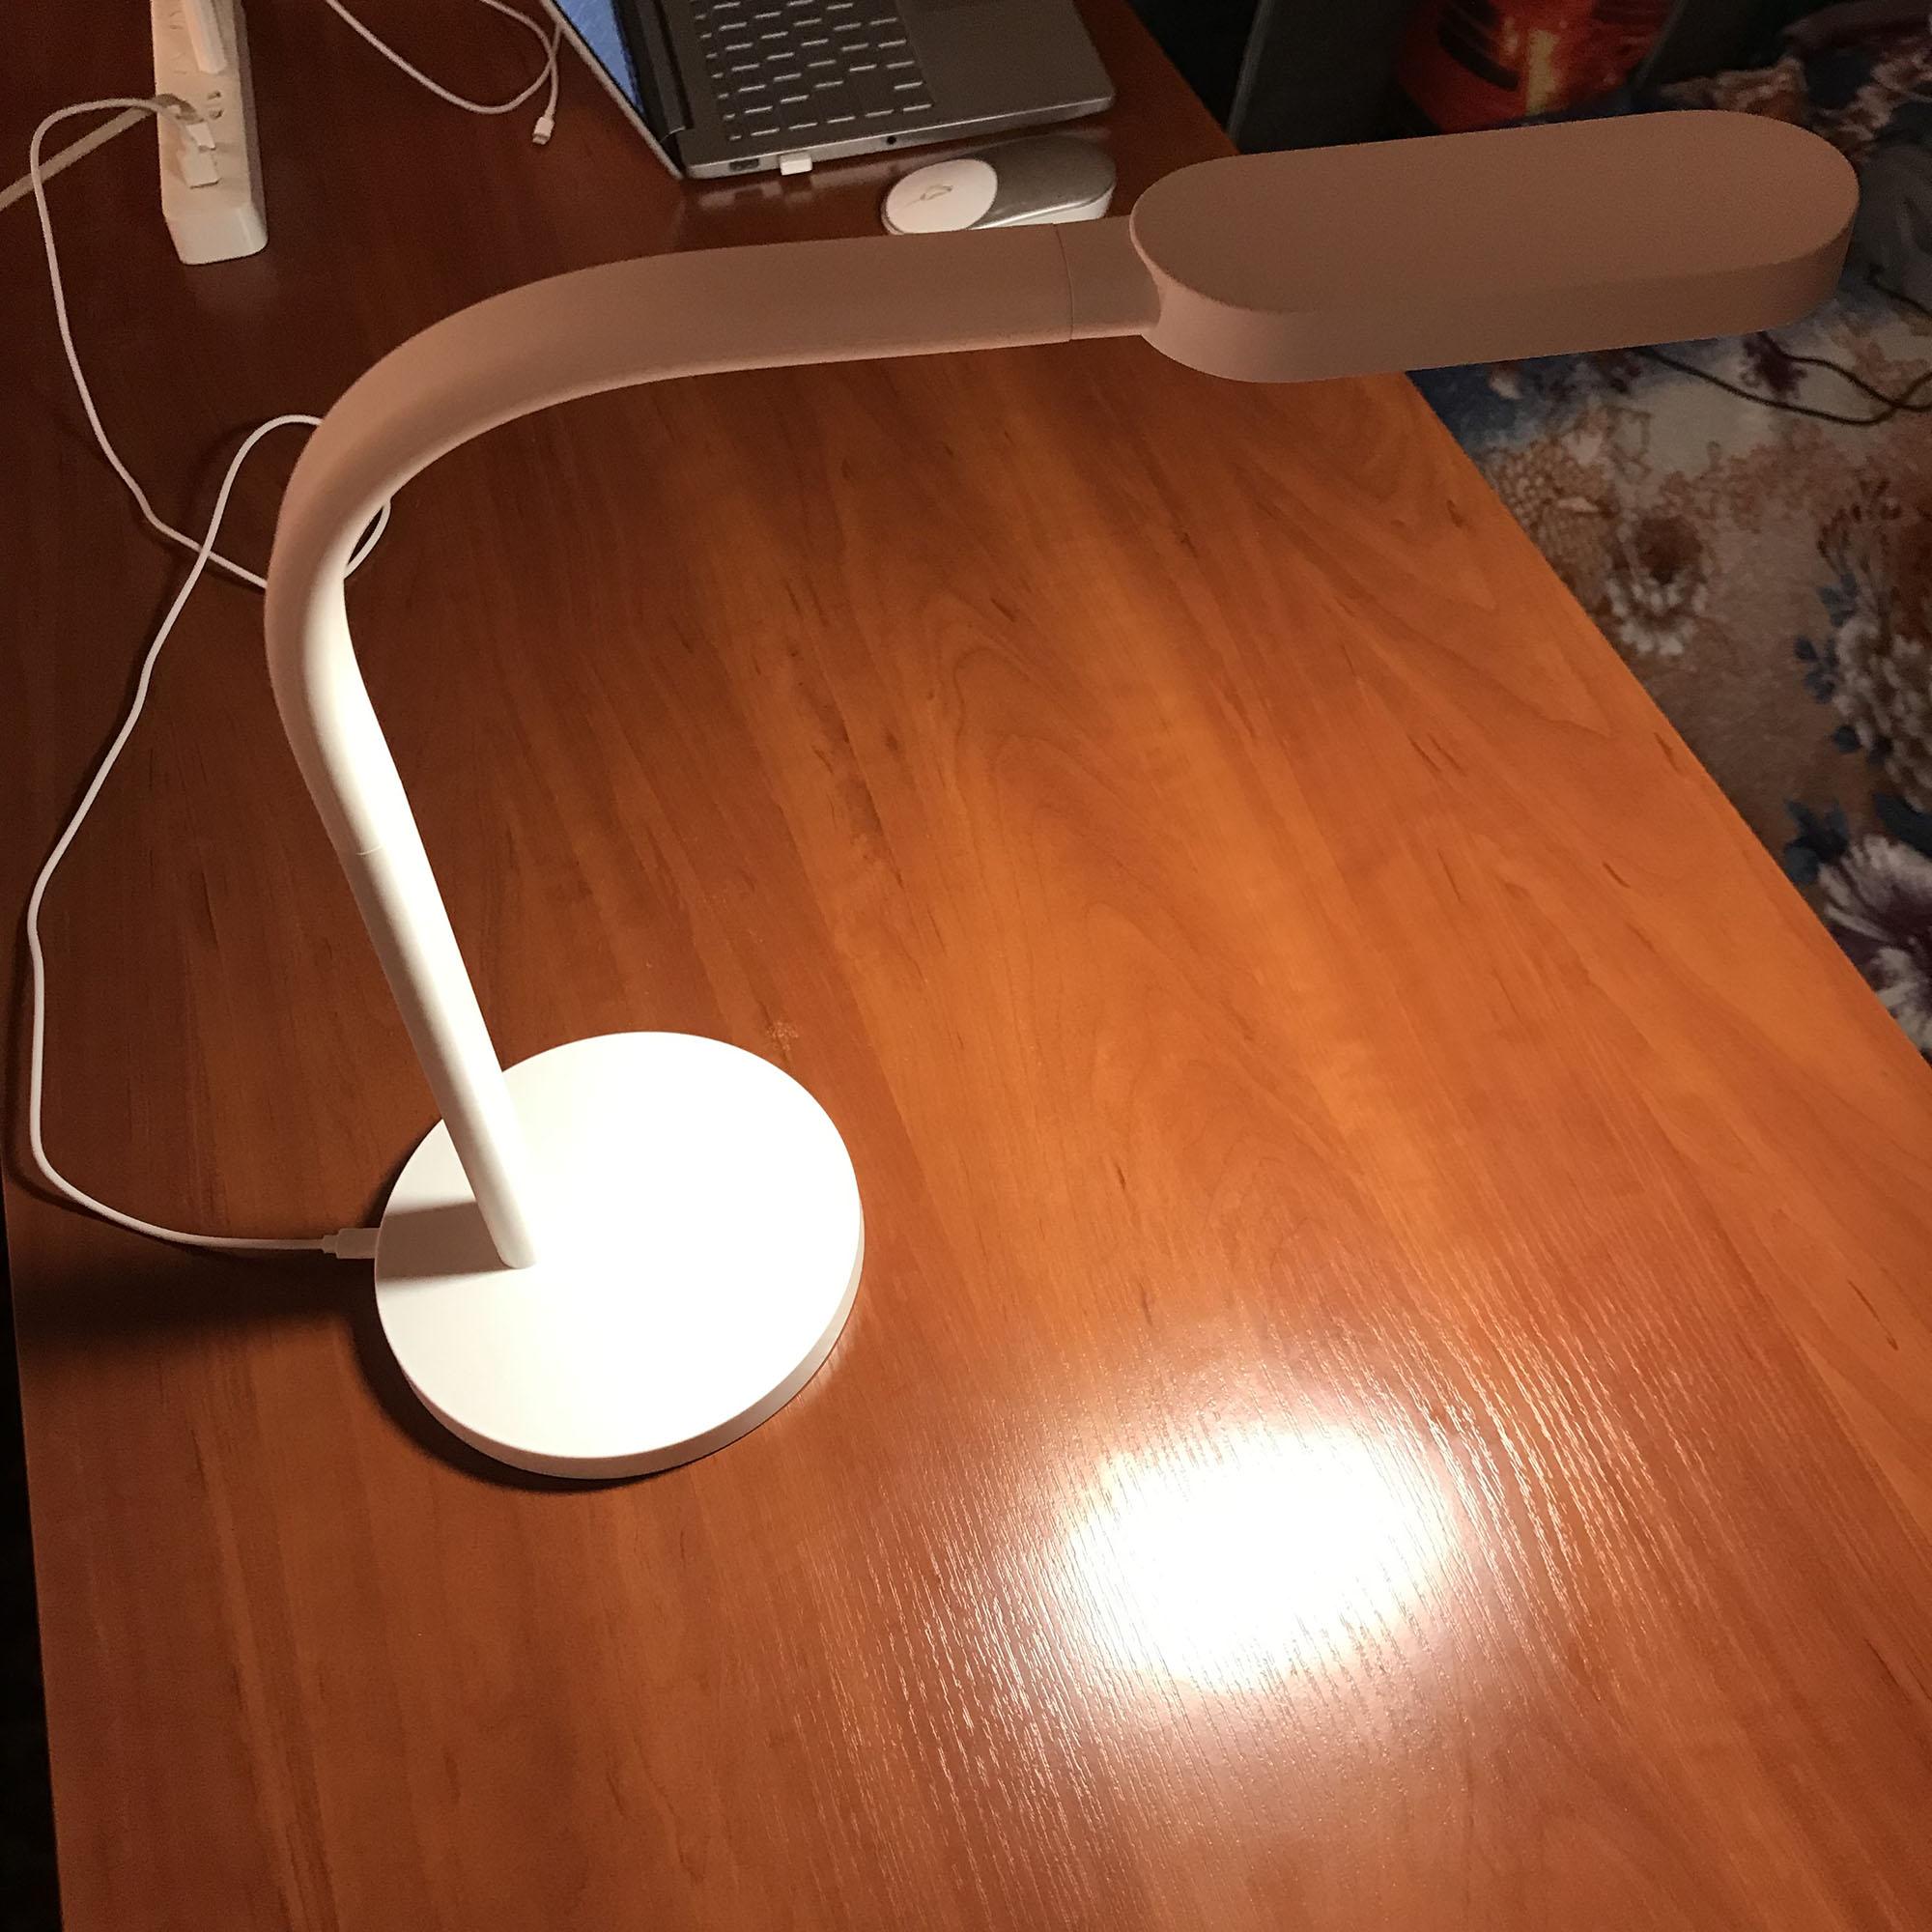 Настольная лампа Xiaomi YeeLight Desk Lamp - Светильник